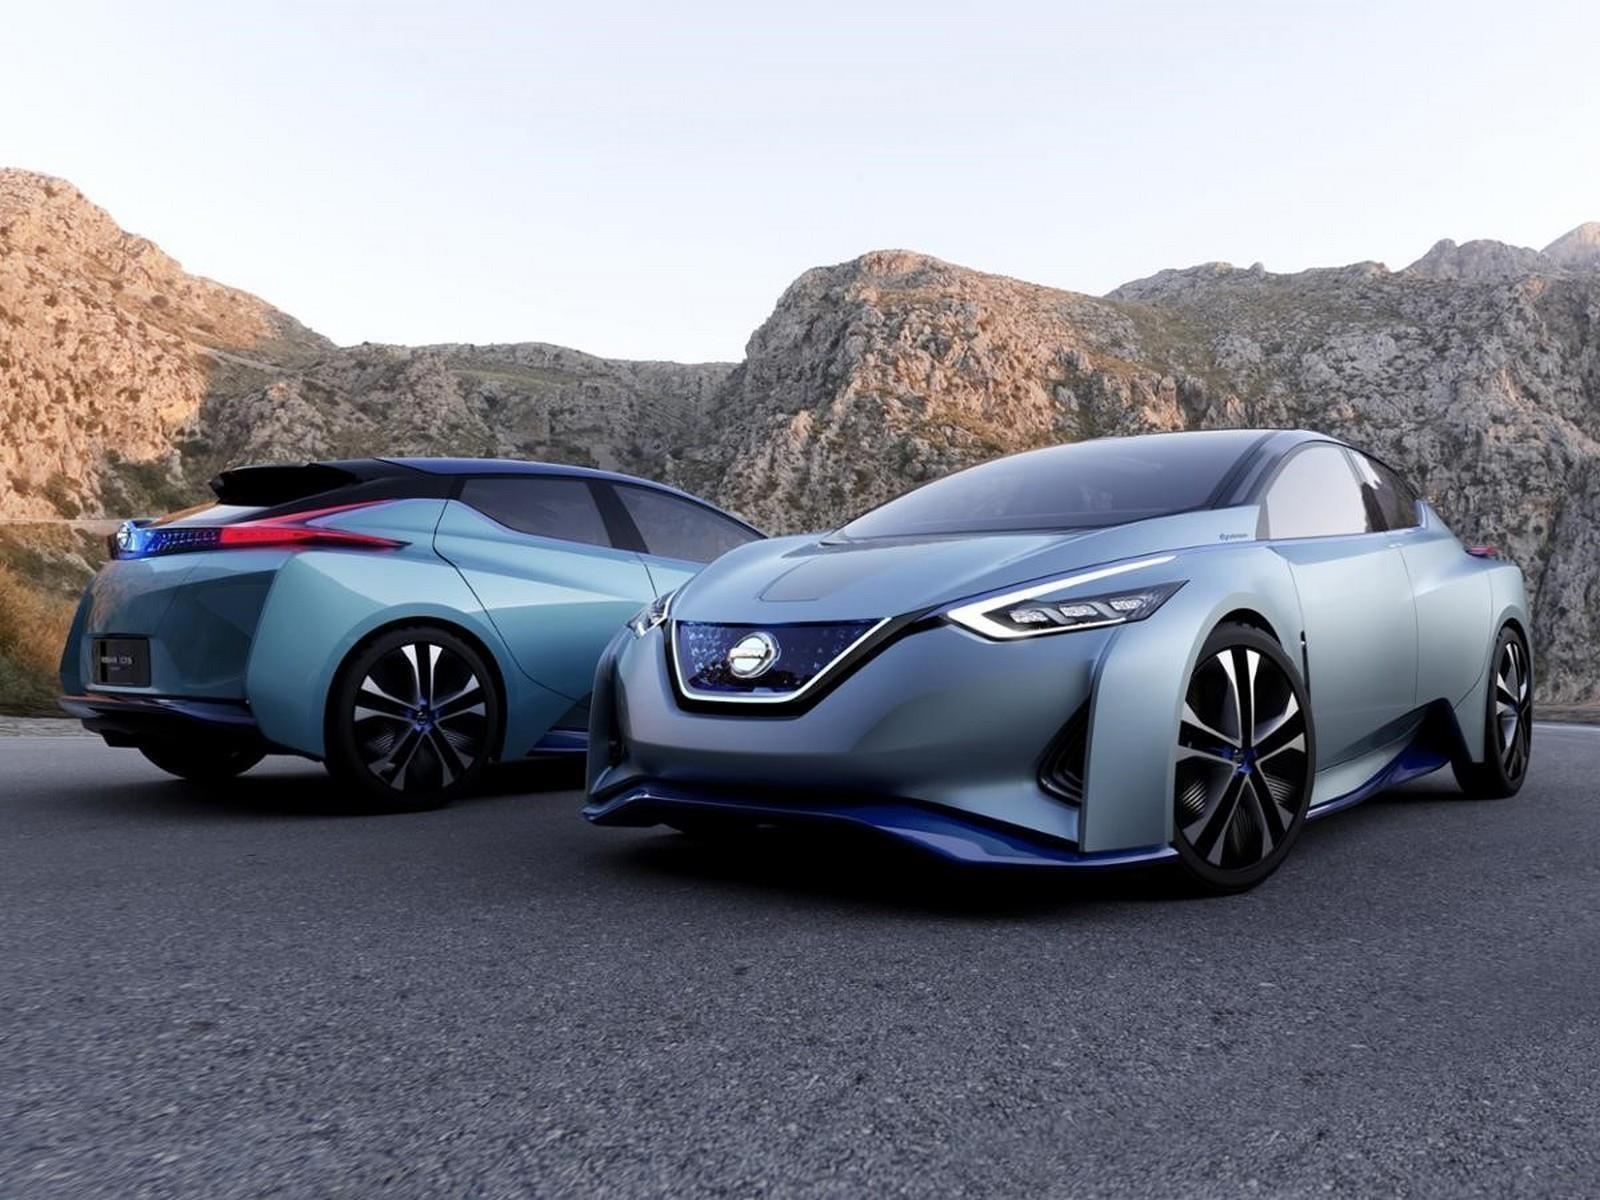 Nissan Intelligent Mobility anticipa un futuro autónomo y eléctrico para la marca japonesa